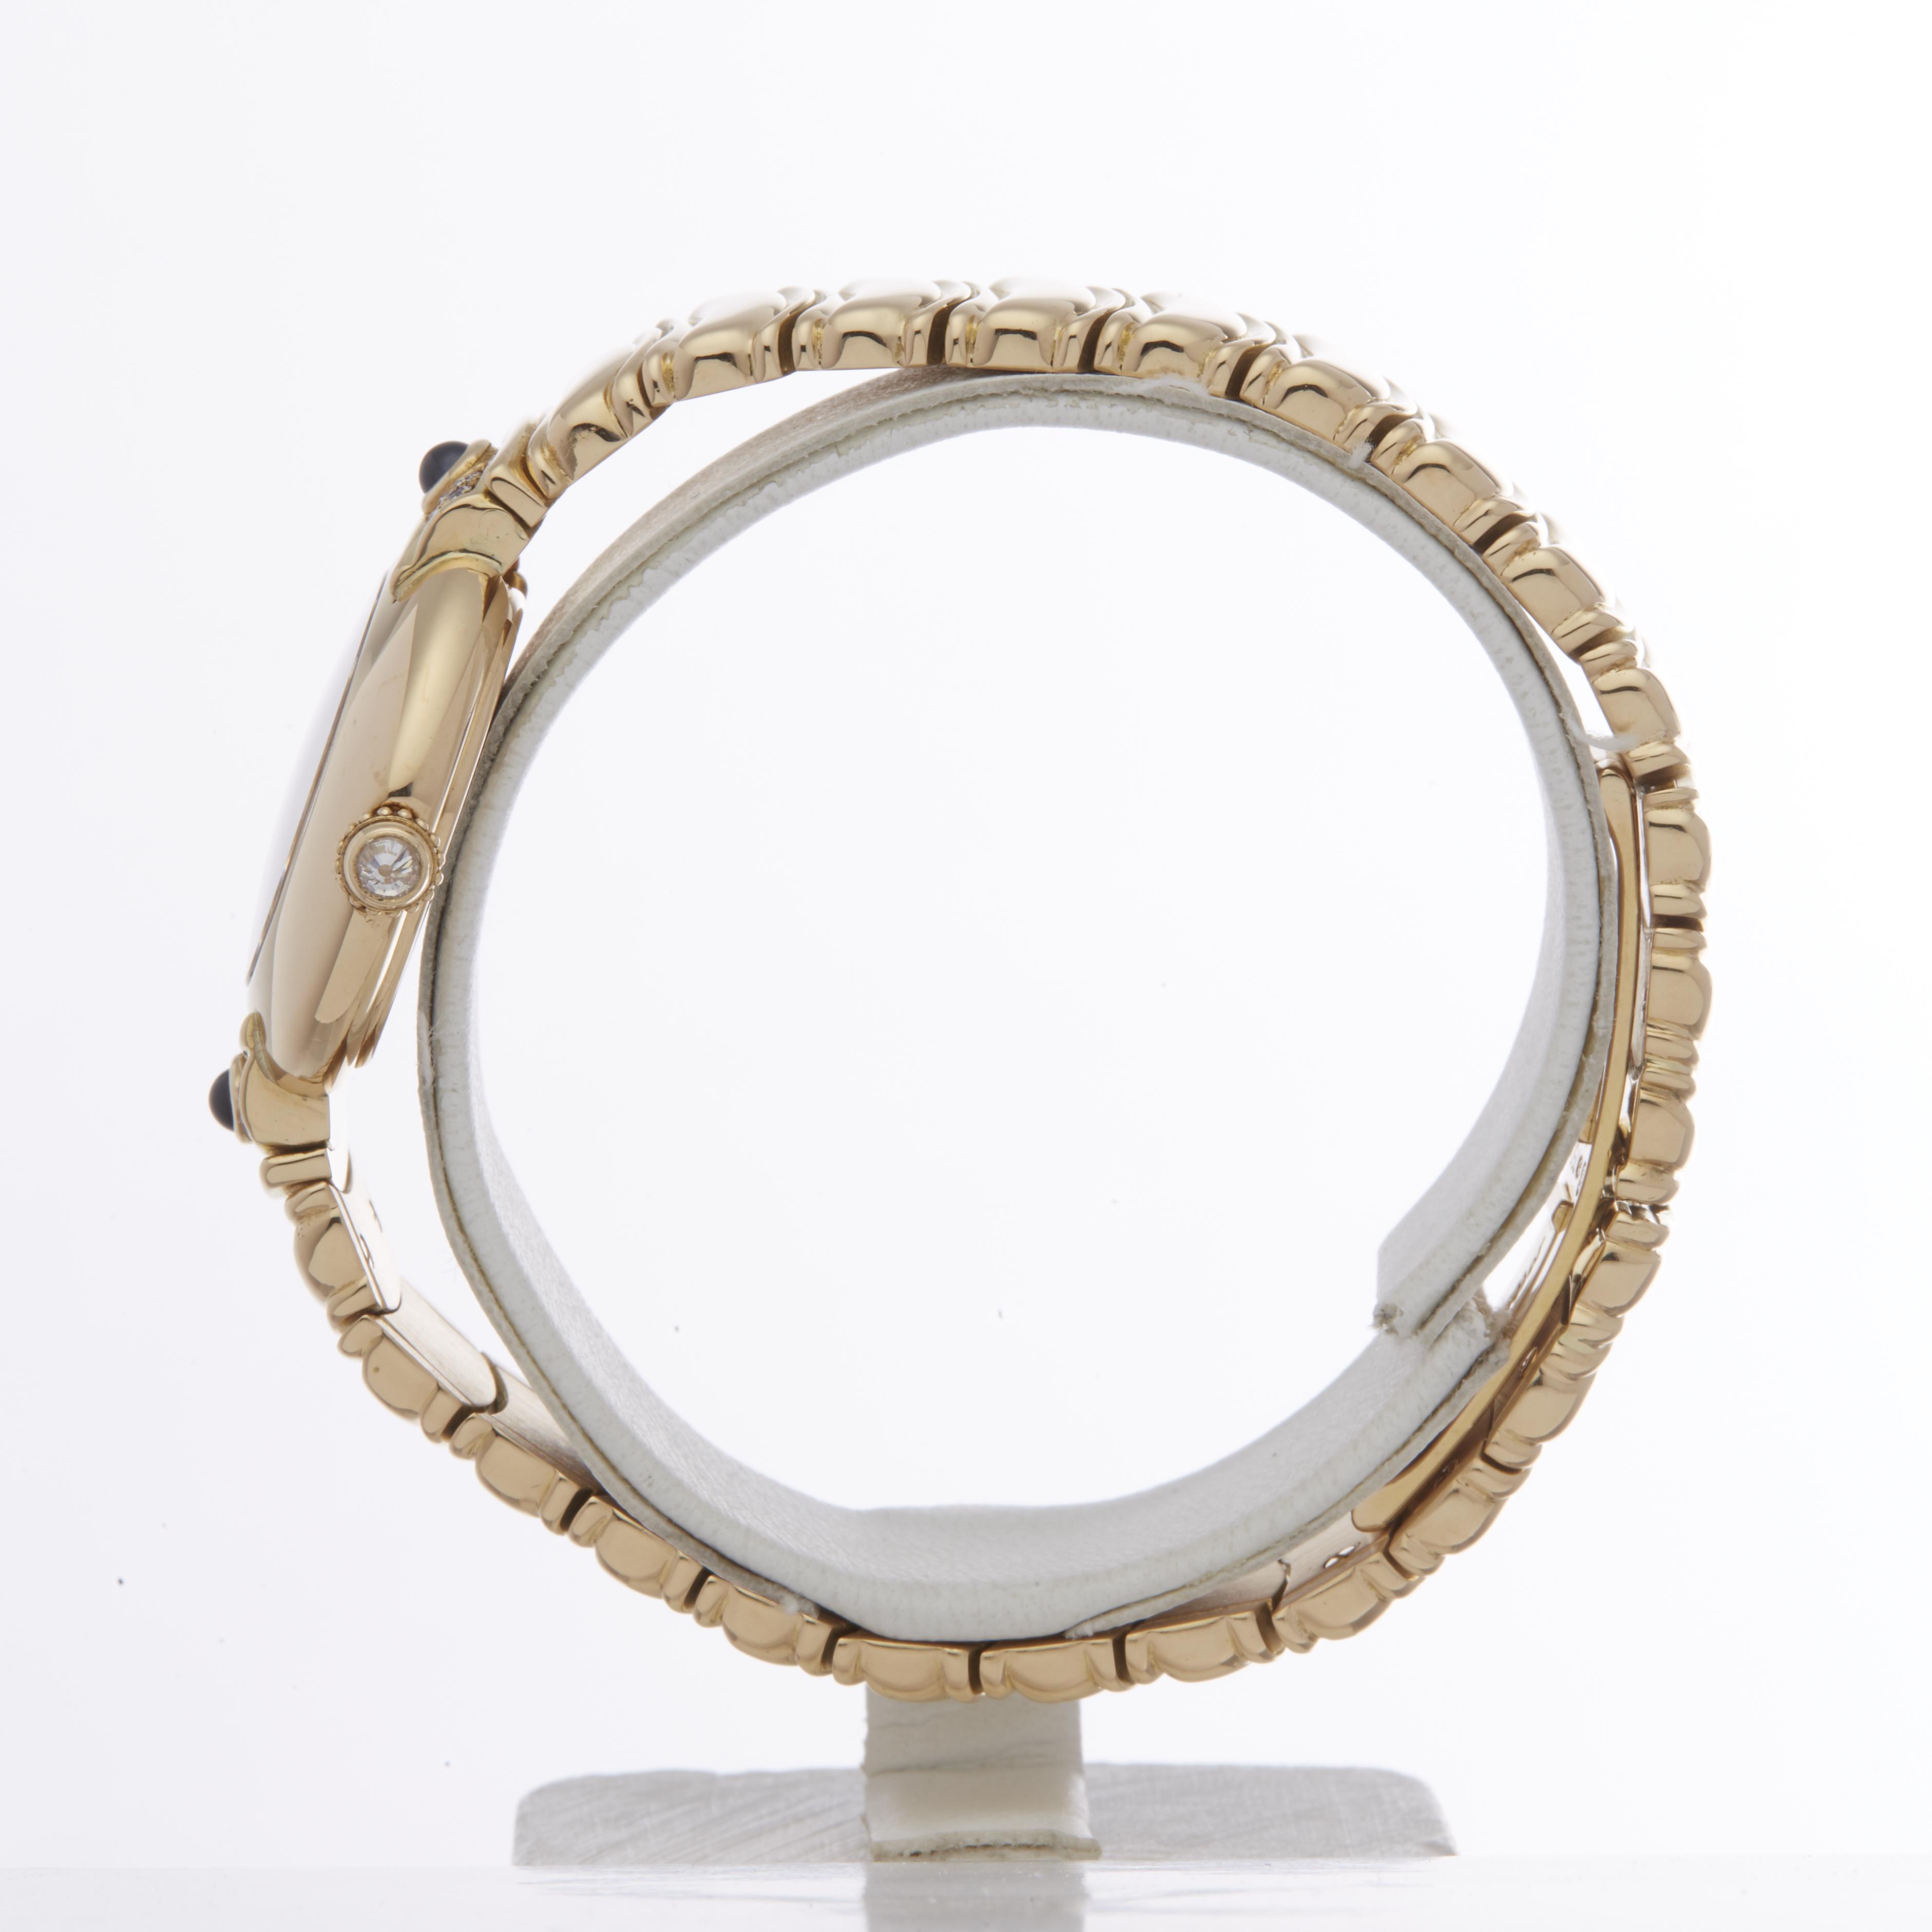 Cartier Vendome 878999 Ladies Yellow Gold Paris Mecanique Diamond Watch - Image 5 of 6